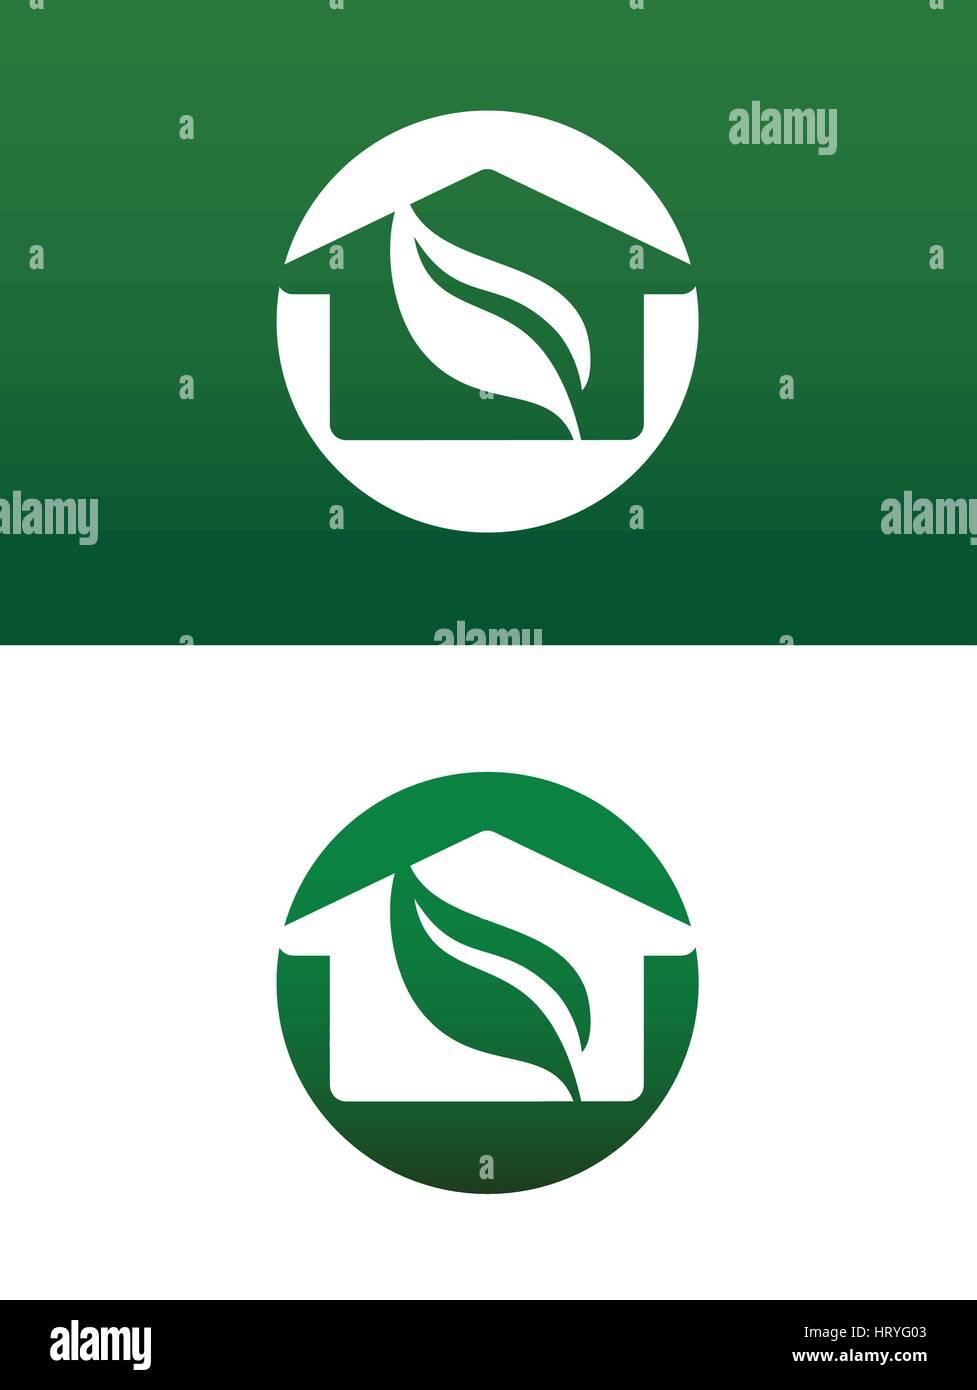 Verde rotondo vettore di casa sia solido e invertito per l'ecologia, il riciclaggio, la società di servizio Immagini Stock